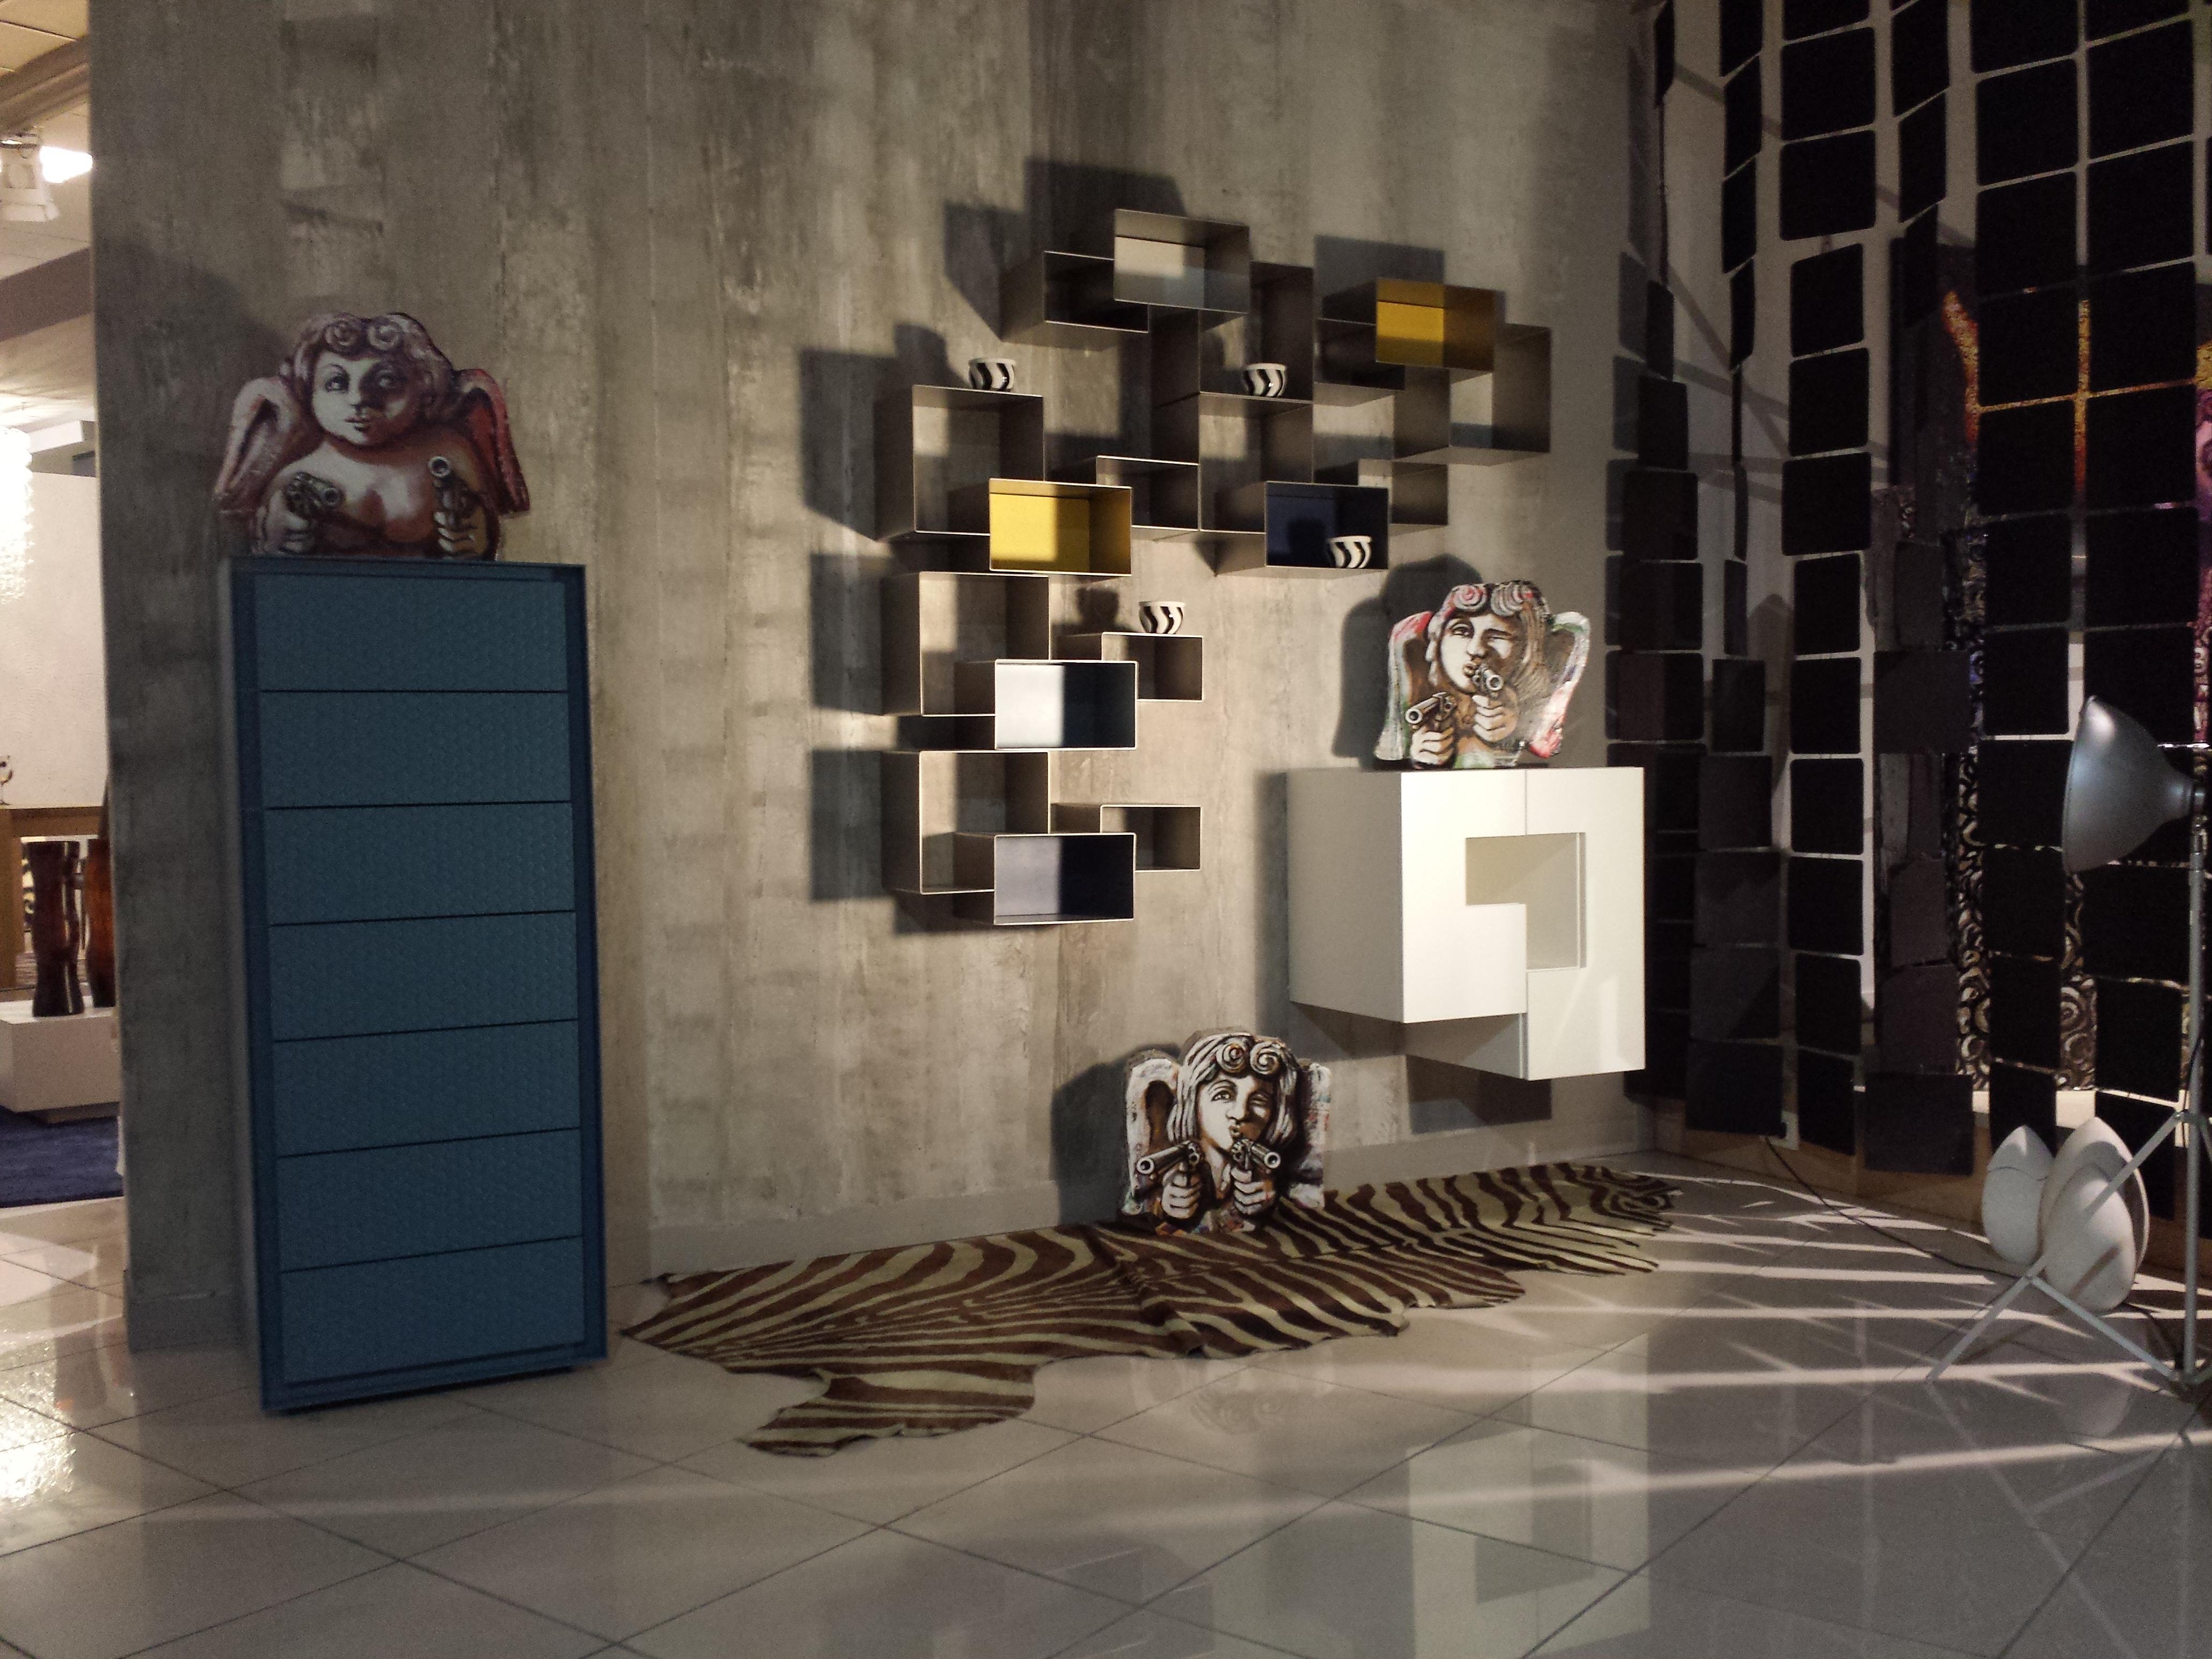 Laboratorio voltan mobili moderni contemporanei e di design for Voltan mobili